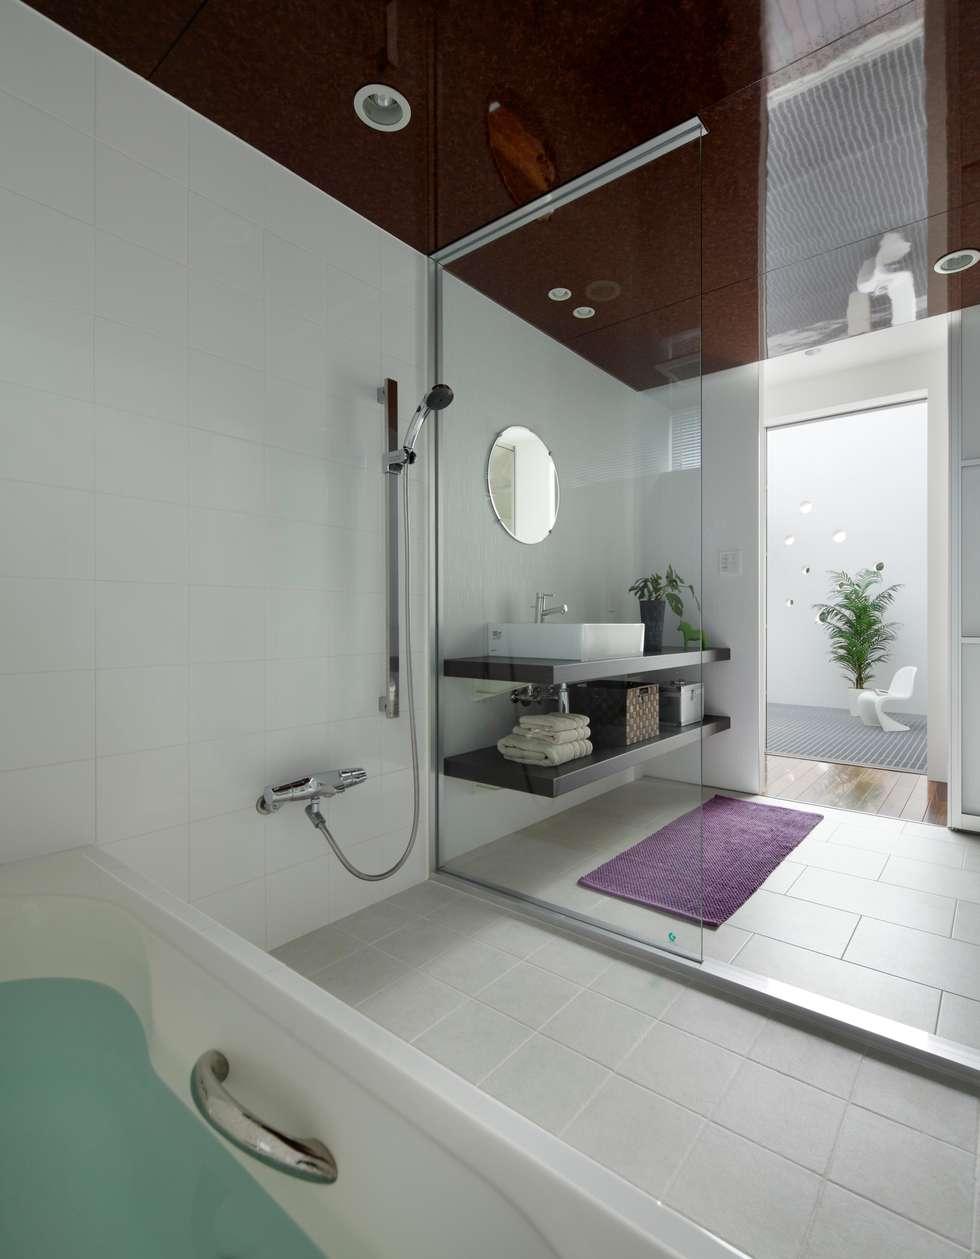 2階 バスルーム: 久保田正一建築研究所が手掛けた浴室です。